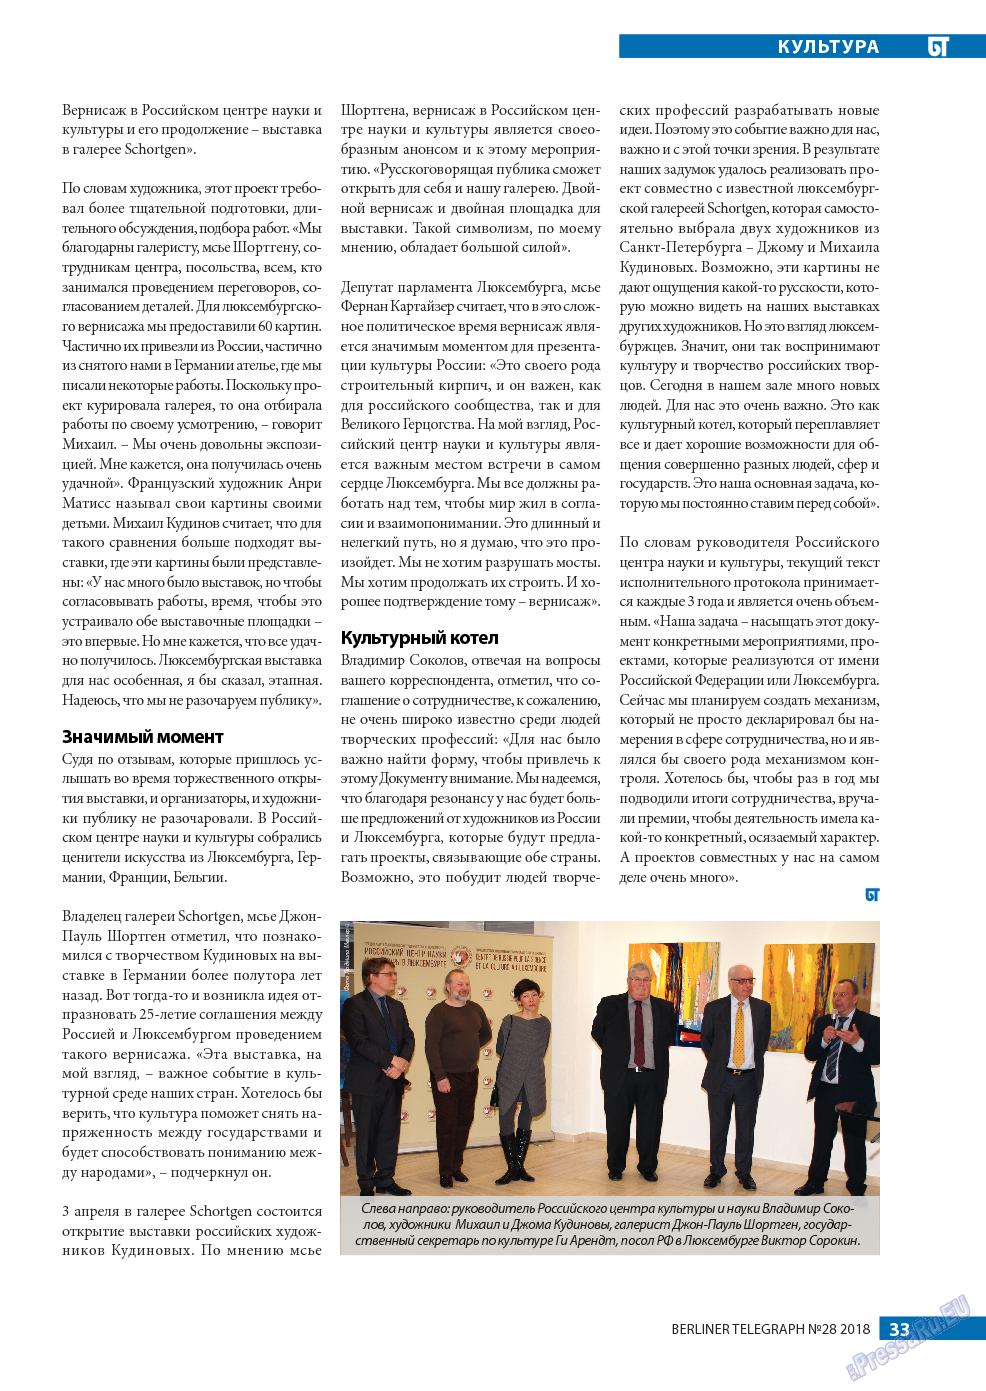 Берлинский телеграф (журнал). 2018 год, номер 28, стр. 33